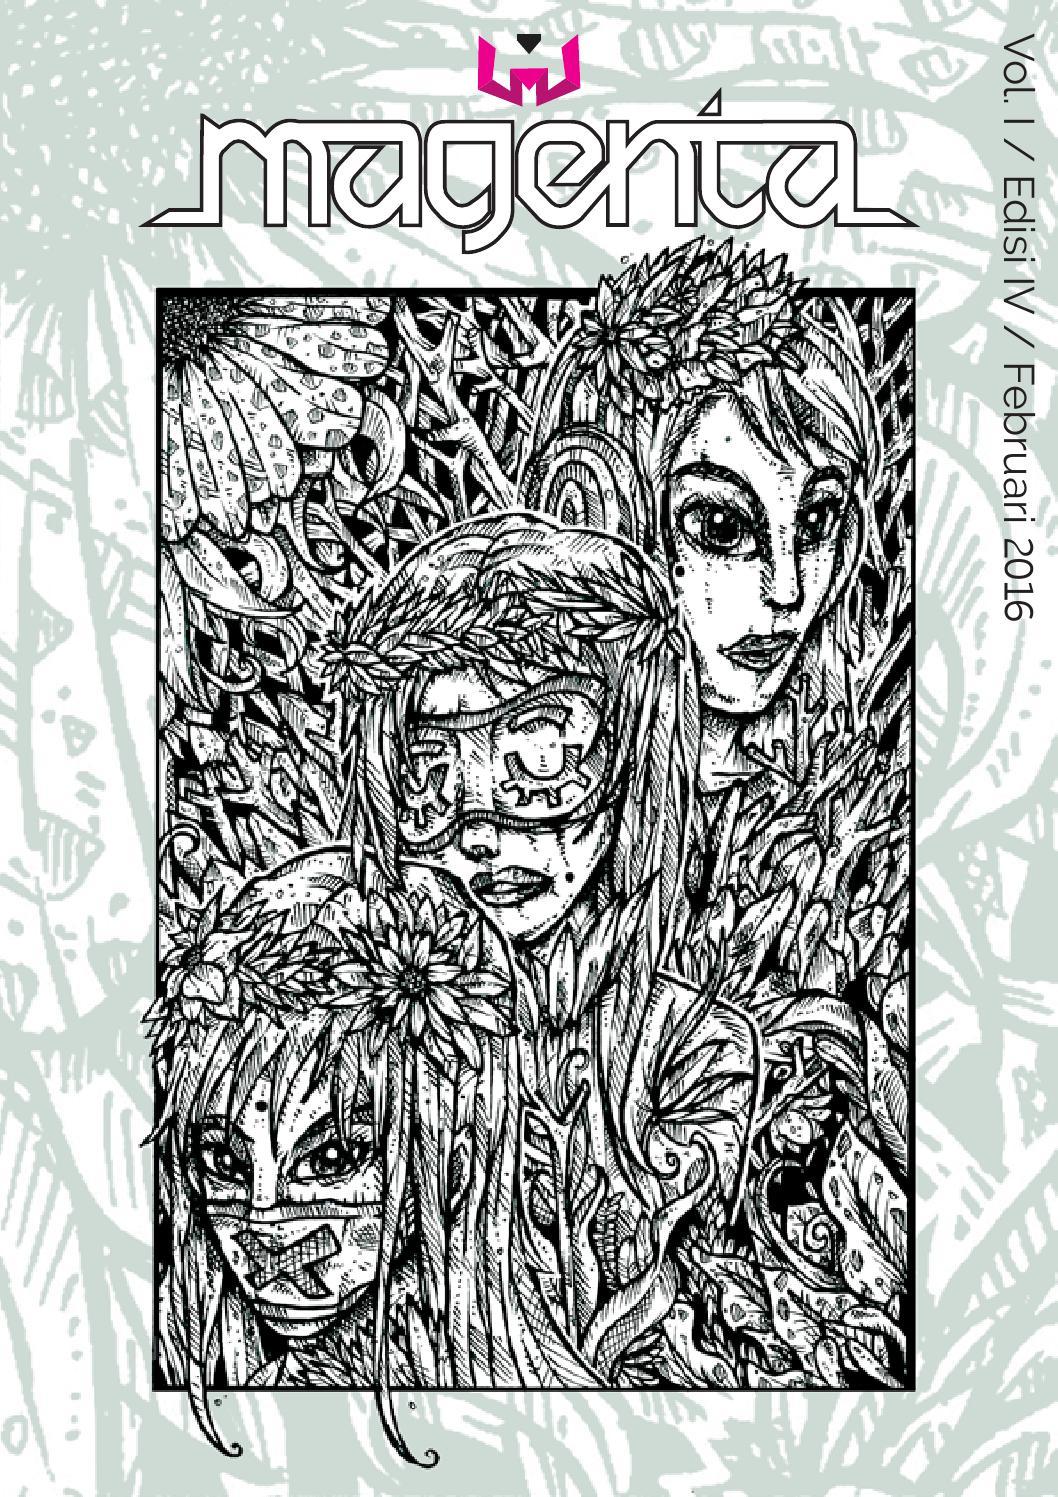 Magenta Magazine Volume 1 Edisi 4 By Magenta Magazine Issuu